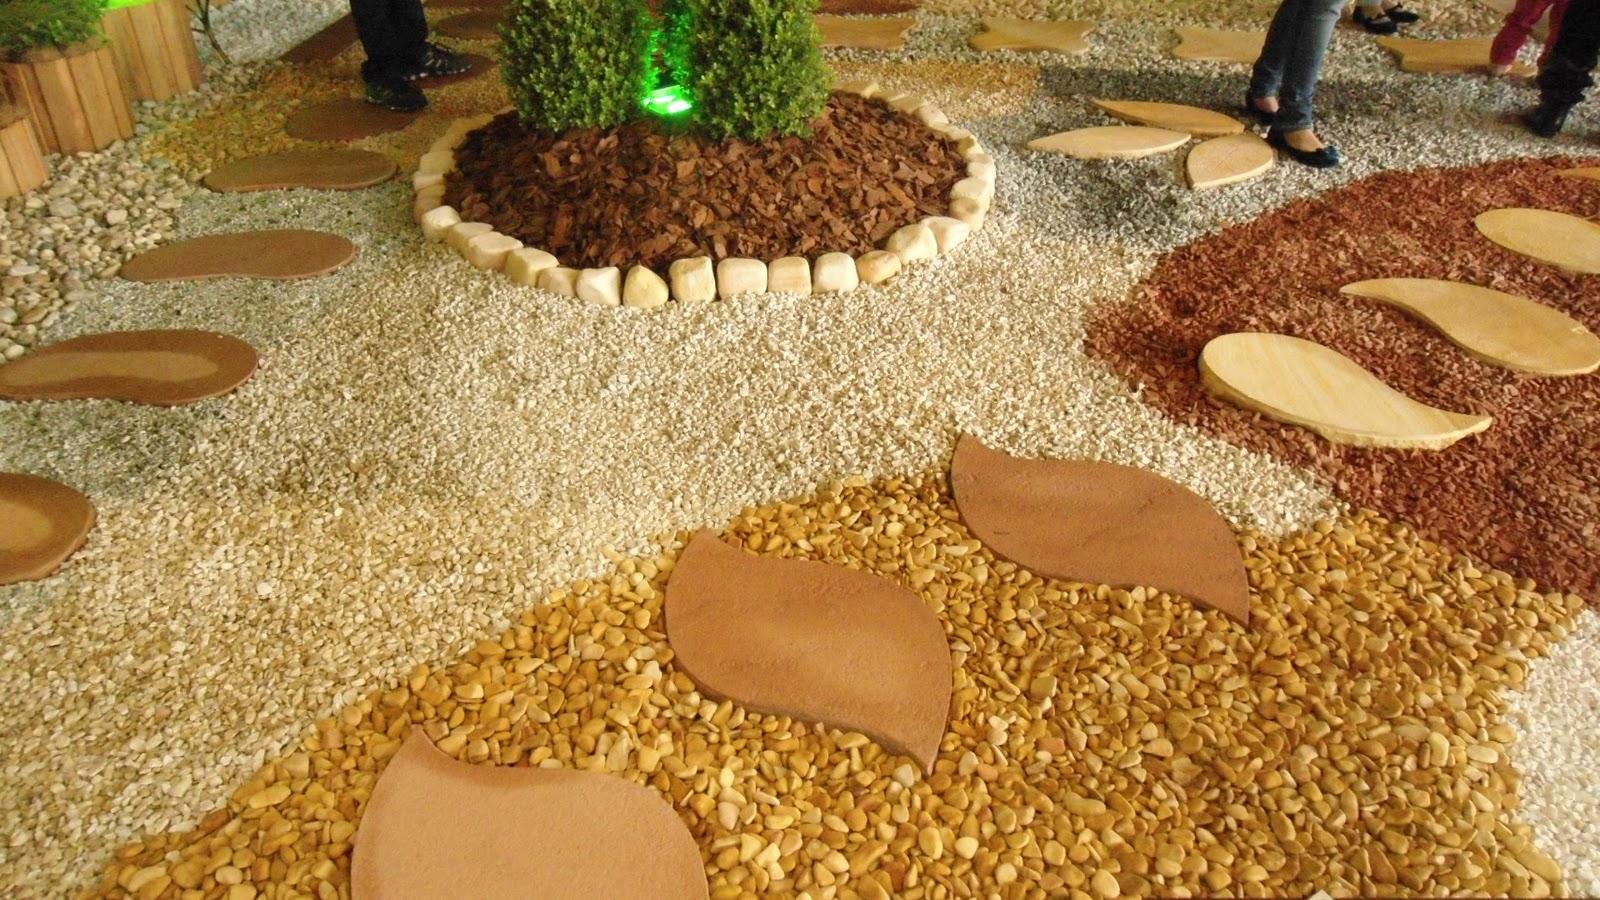 venda de seixos para jardim:Vera Moura Blog: Feira de Construção Civil Mobiliário e Decoração